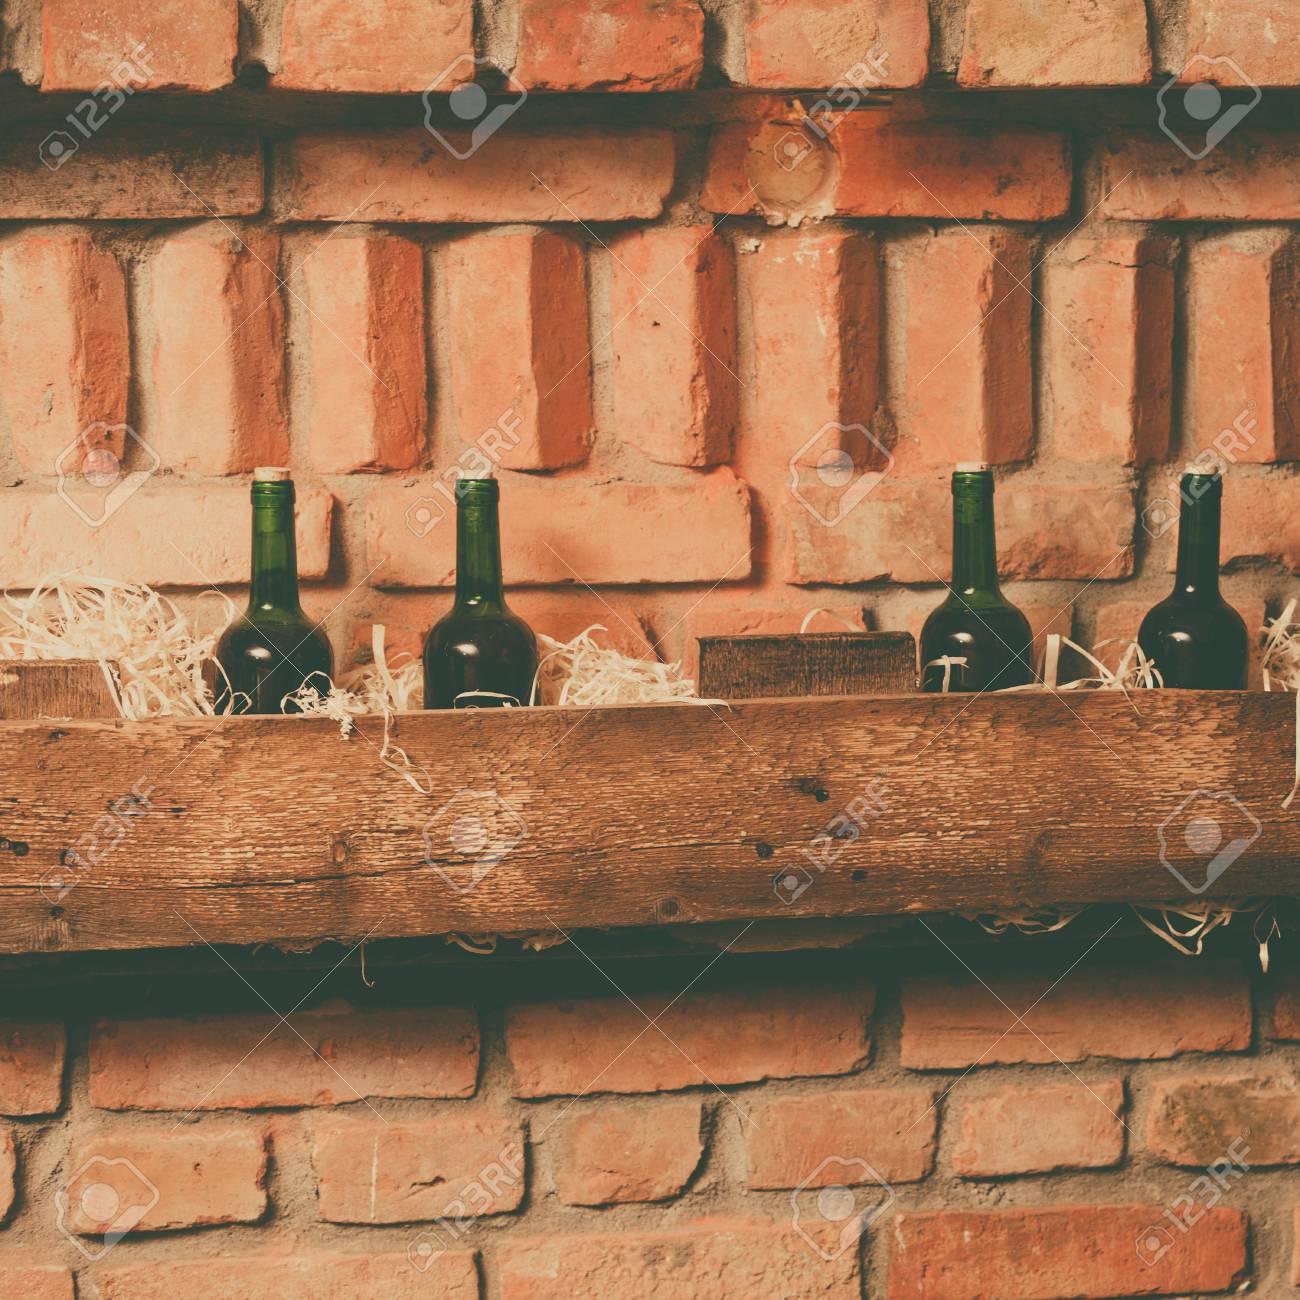 Full Size of Regal Keller Weinflaschen Auf Hlzernen Im Lizenzfreie Fotos Roller Regale Weiß Nach Maß Aus Kisten Dachschräge Kleine 40 Cm Breit Paschen Mit Körben Regal Regal Keller